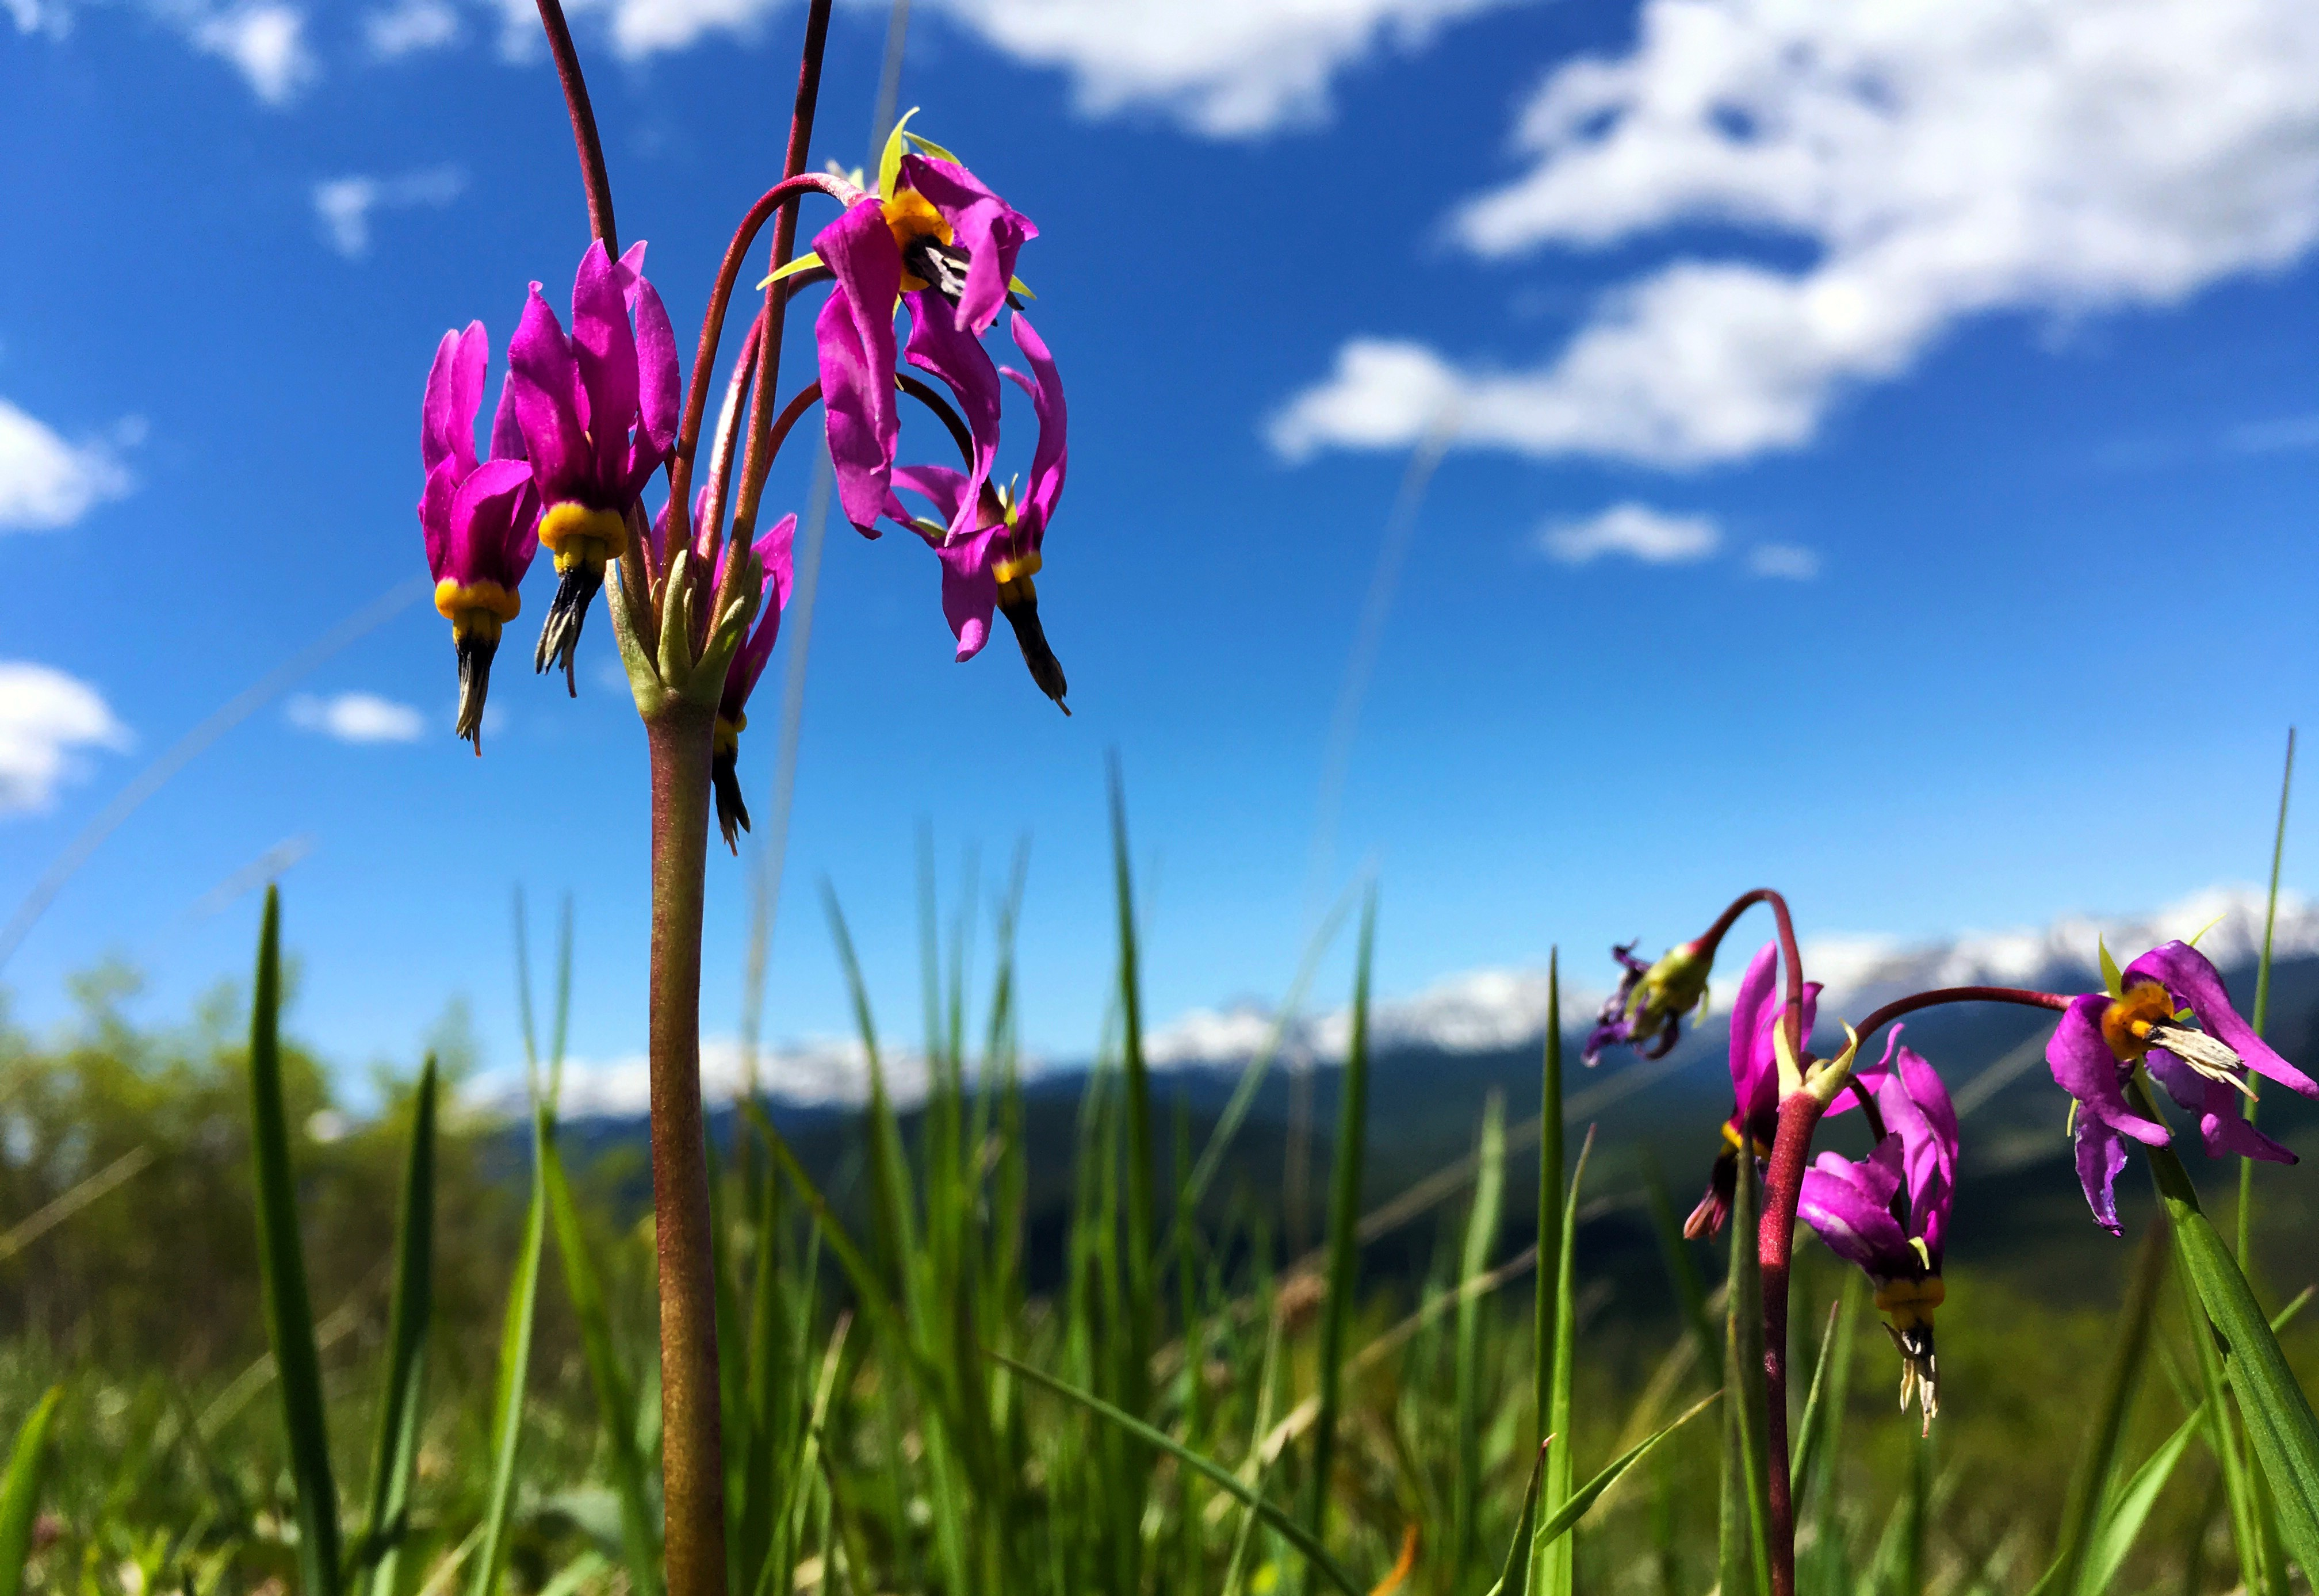 Brian Keating | Spring Flowers 2